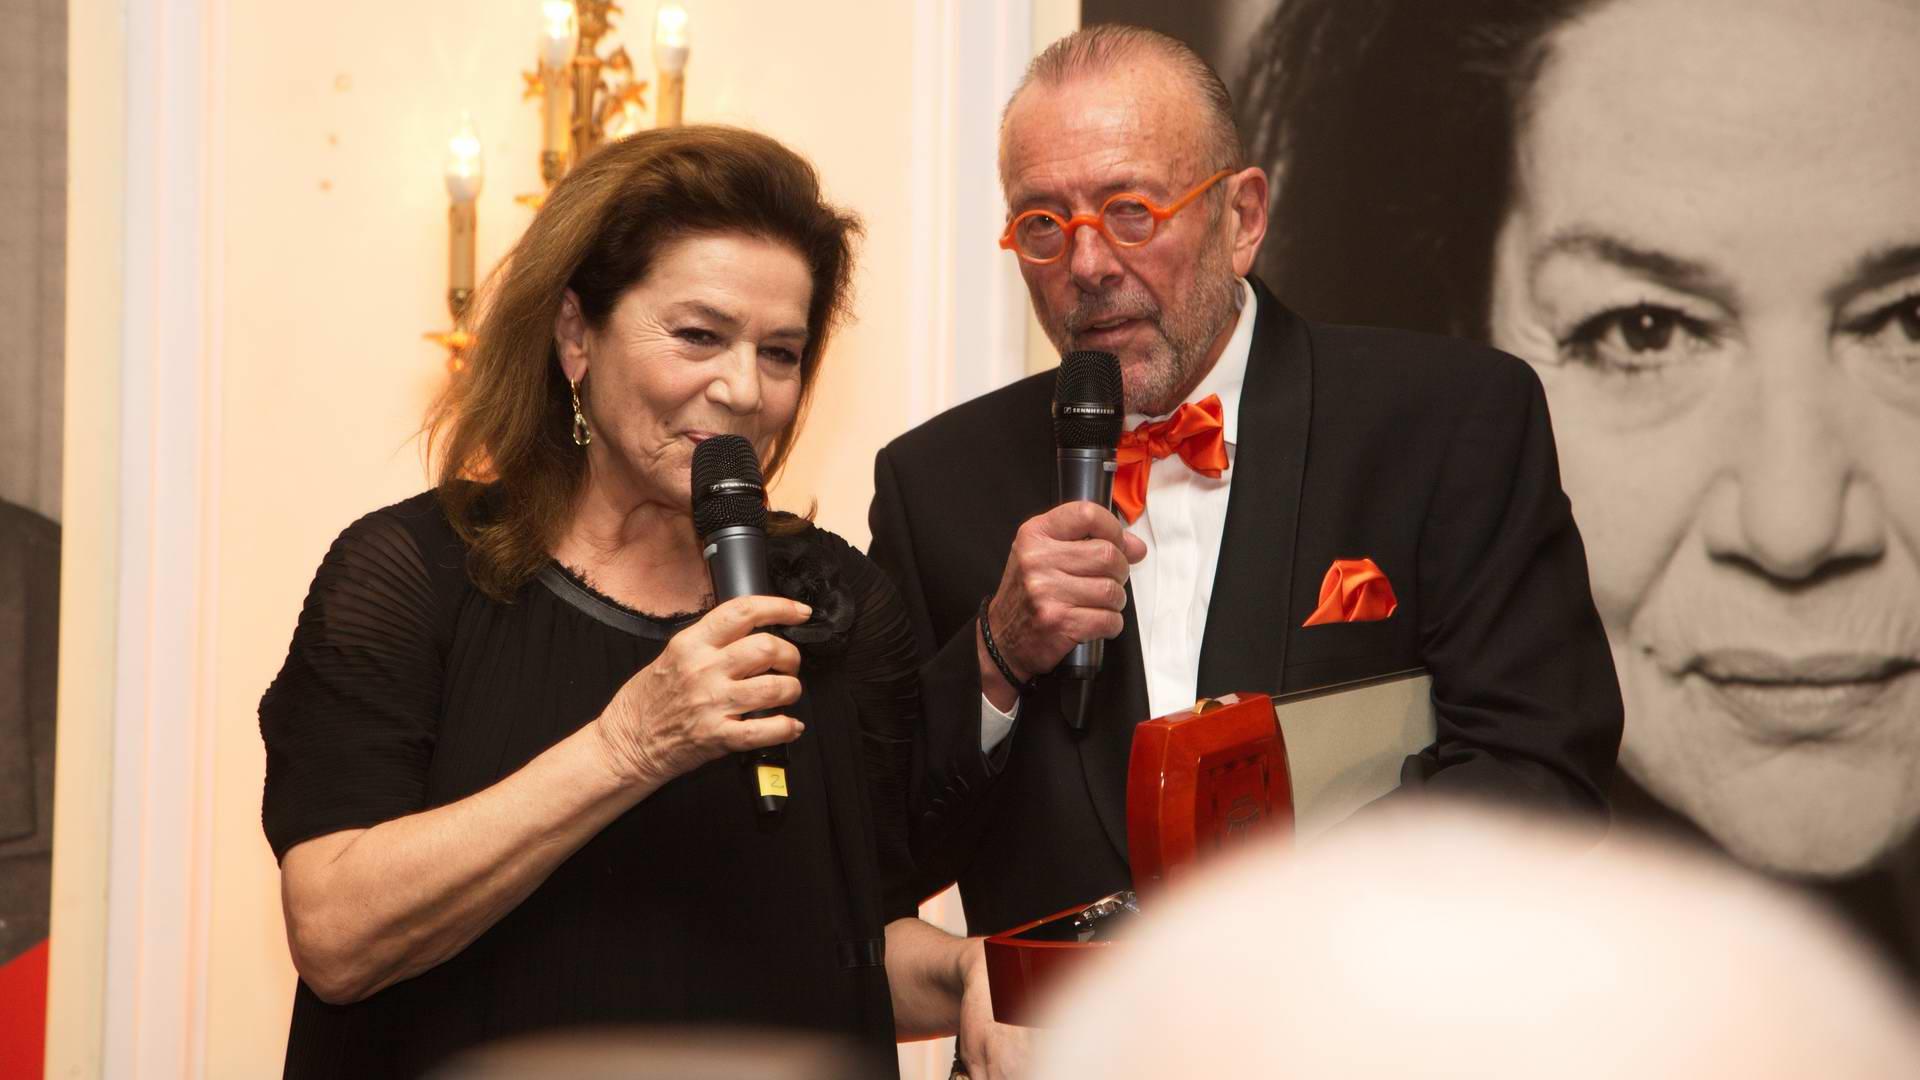 Askania Award 2016 - Hotel Kempinsky Askania Award 2016 - Hotel Kempinsky